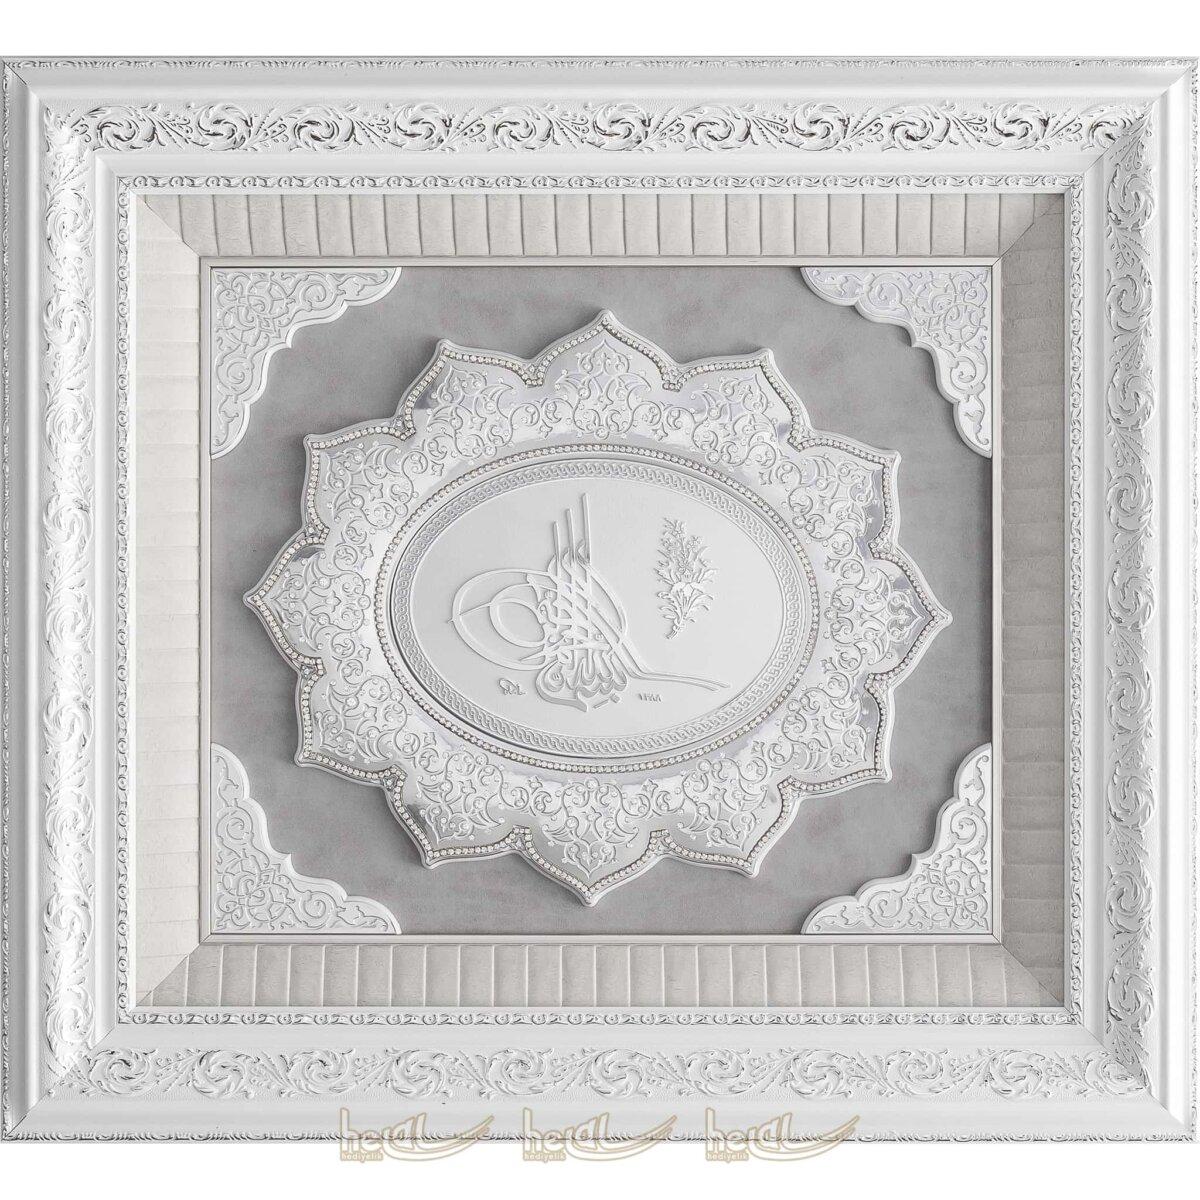 65x72cm Osmanlı Besmele Tuğrası Büyük Yıldız Modeli Lüks Çerçeveli Tablo Osmanlı Tabloları